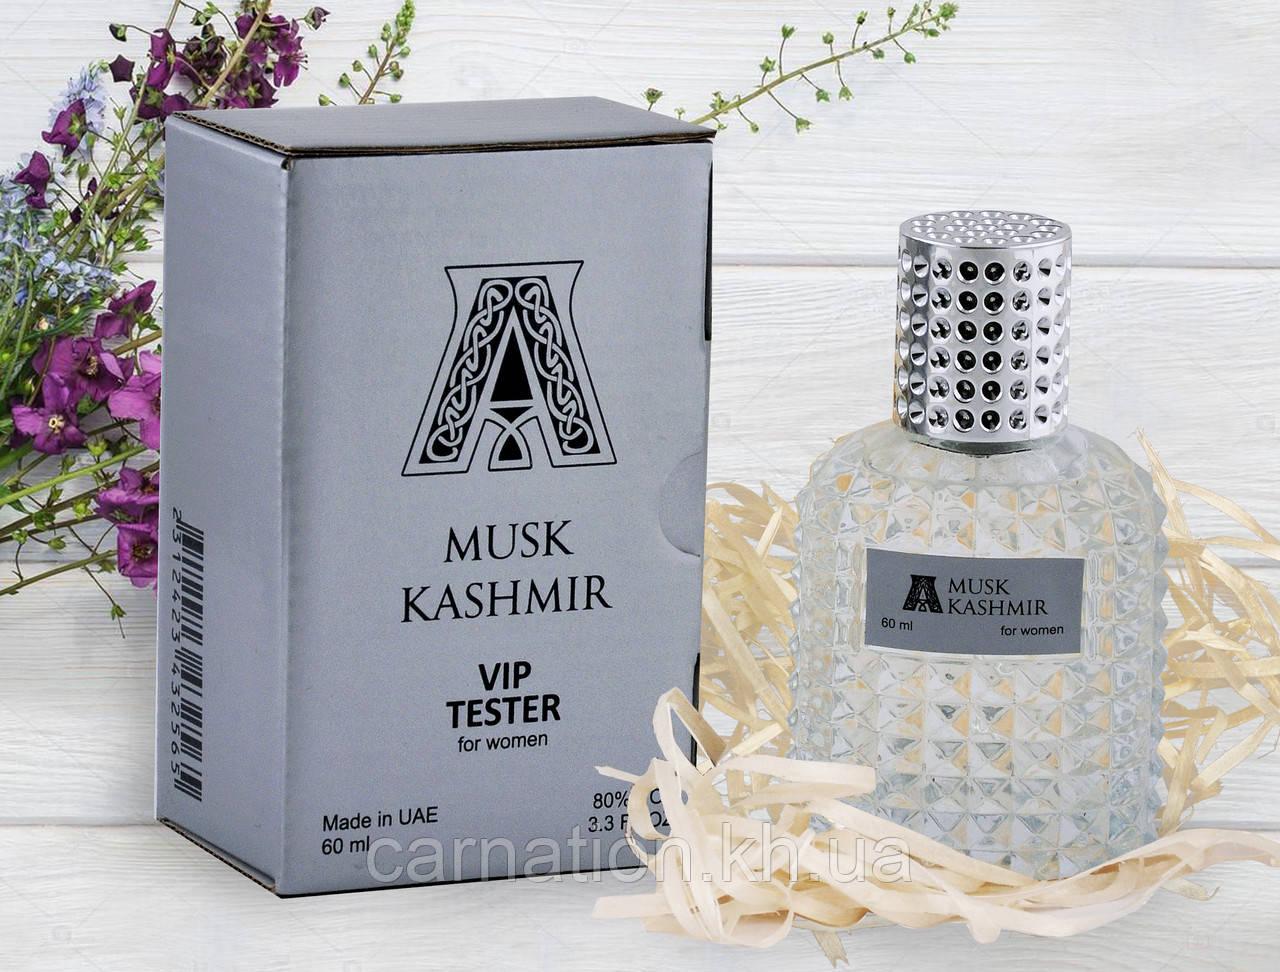 Женский тестер Attar Collection Musk Kashmir Vip (Аттар Колекшн Муск Кашемир) 60 мл